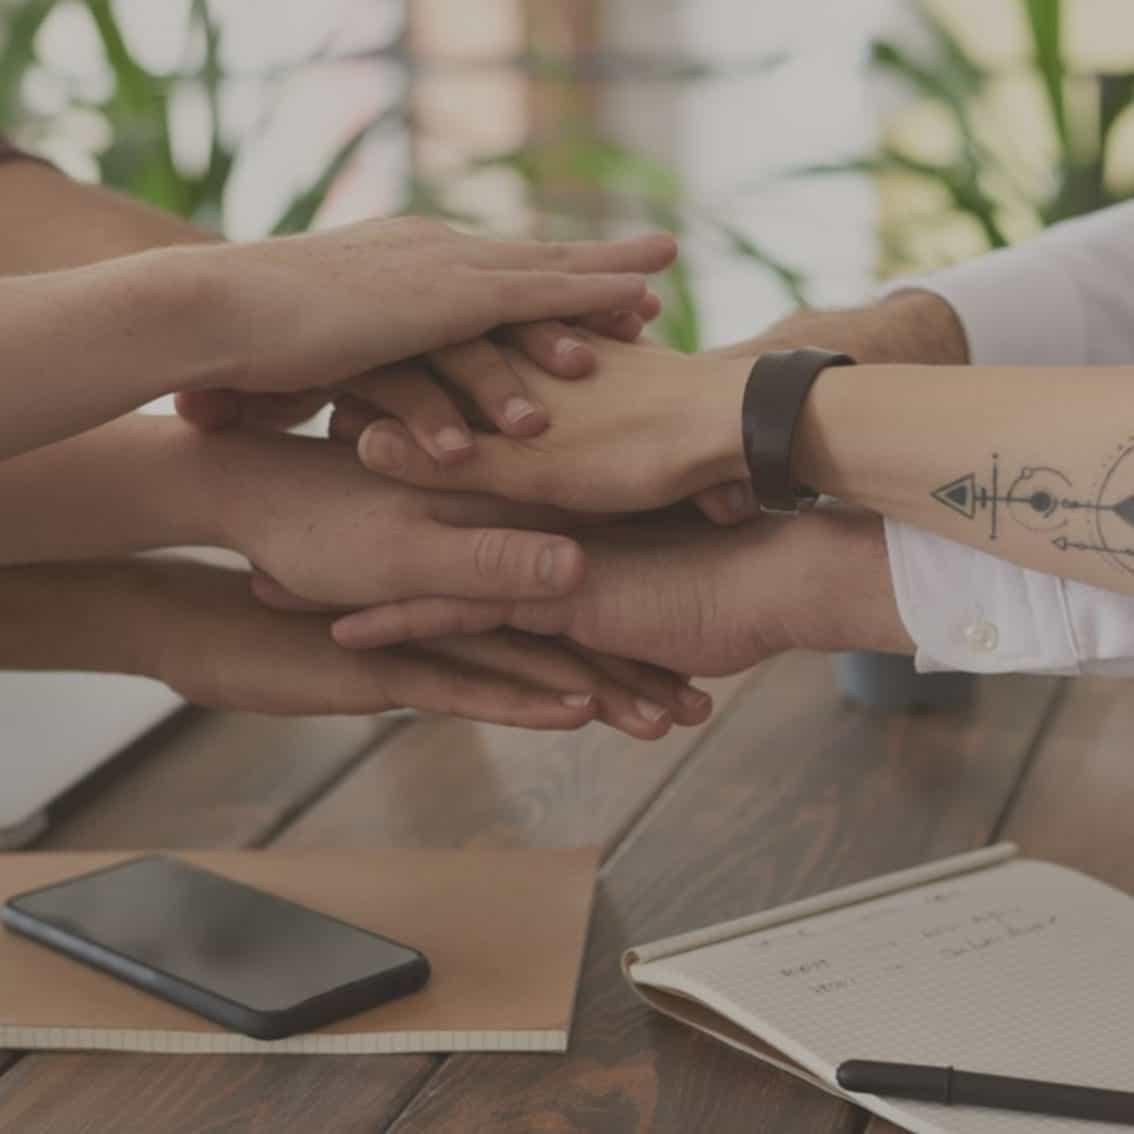 Team Hände aufeinander bei Veranstaltungen wie Workshops und Gruppenarbeiten